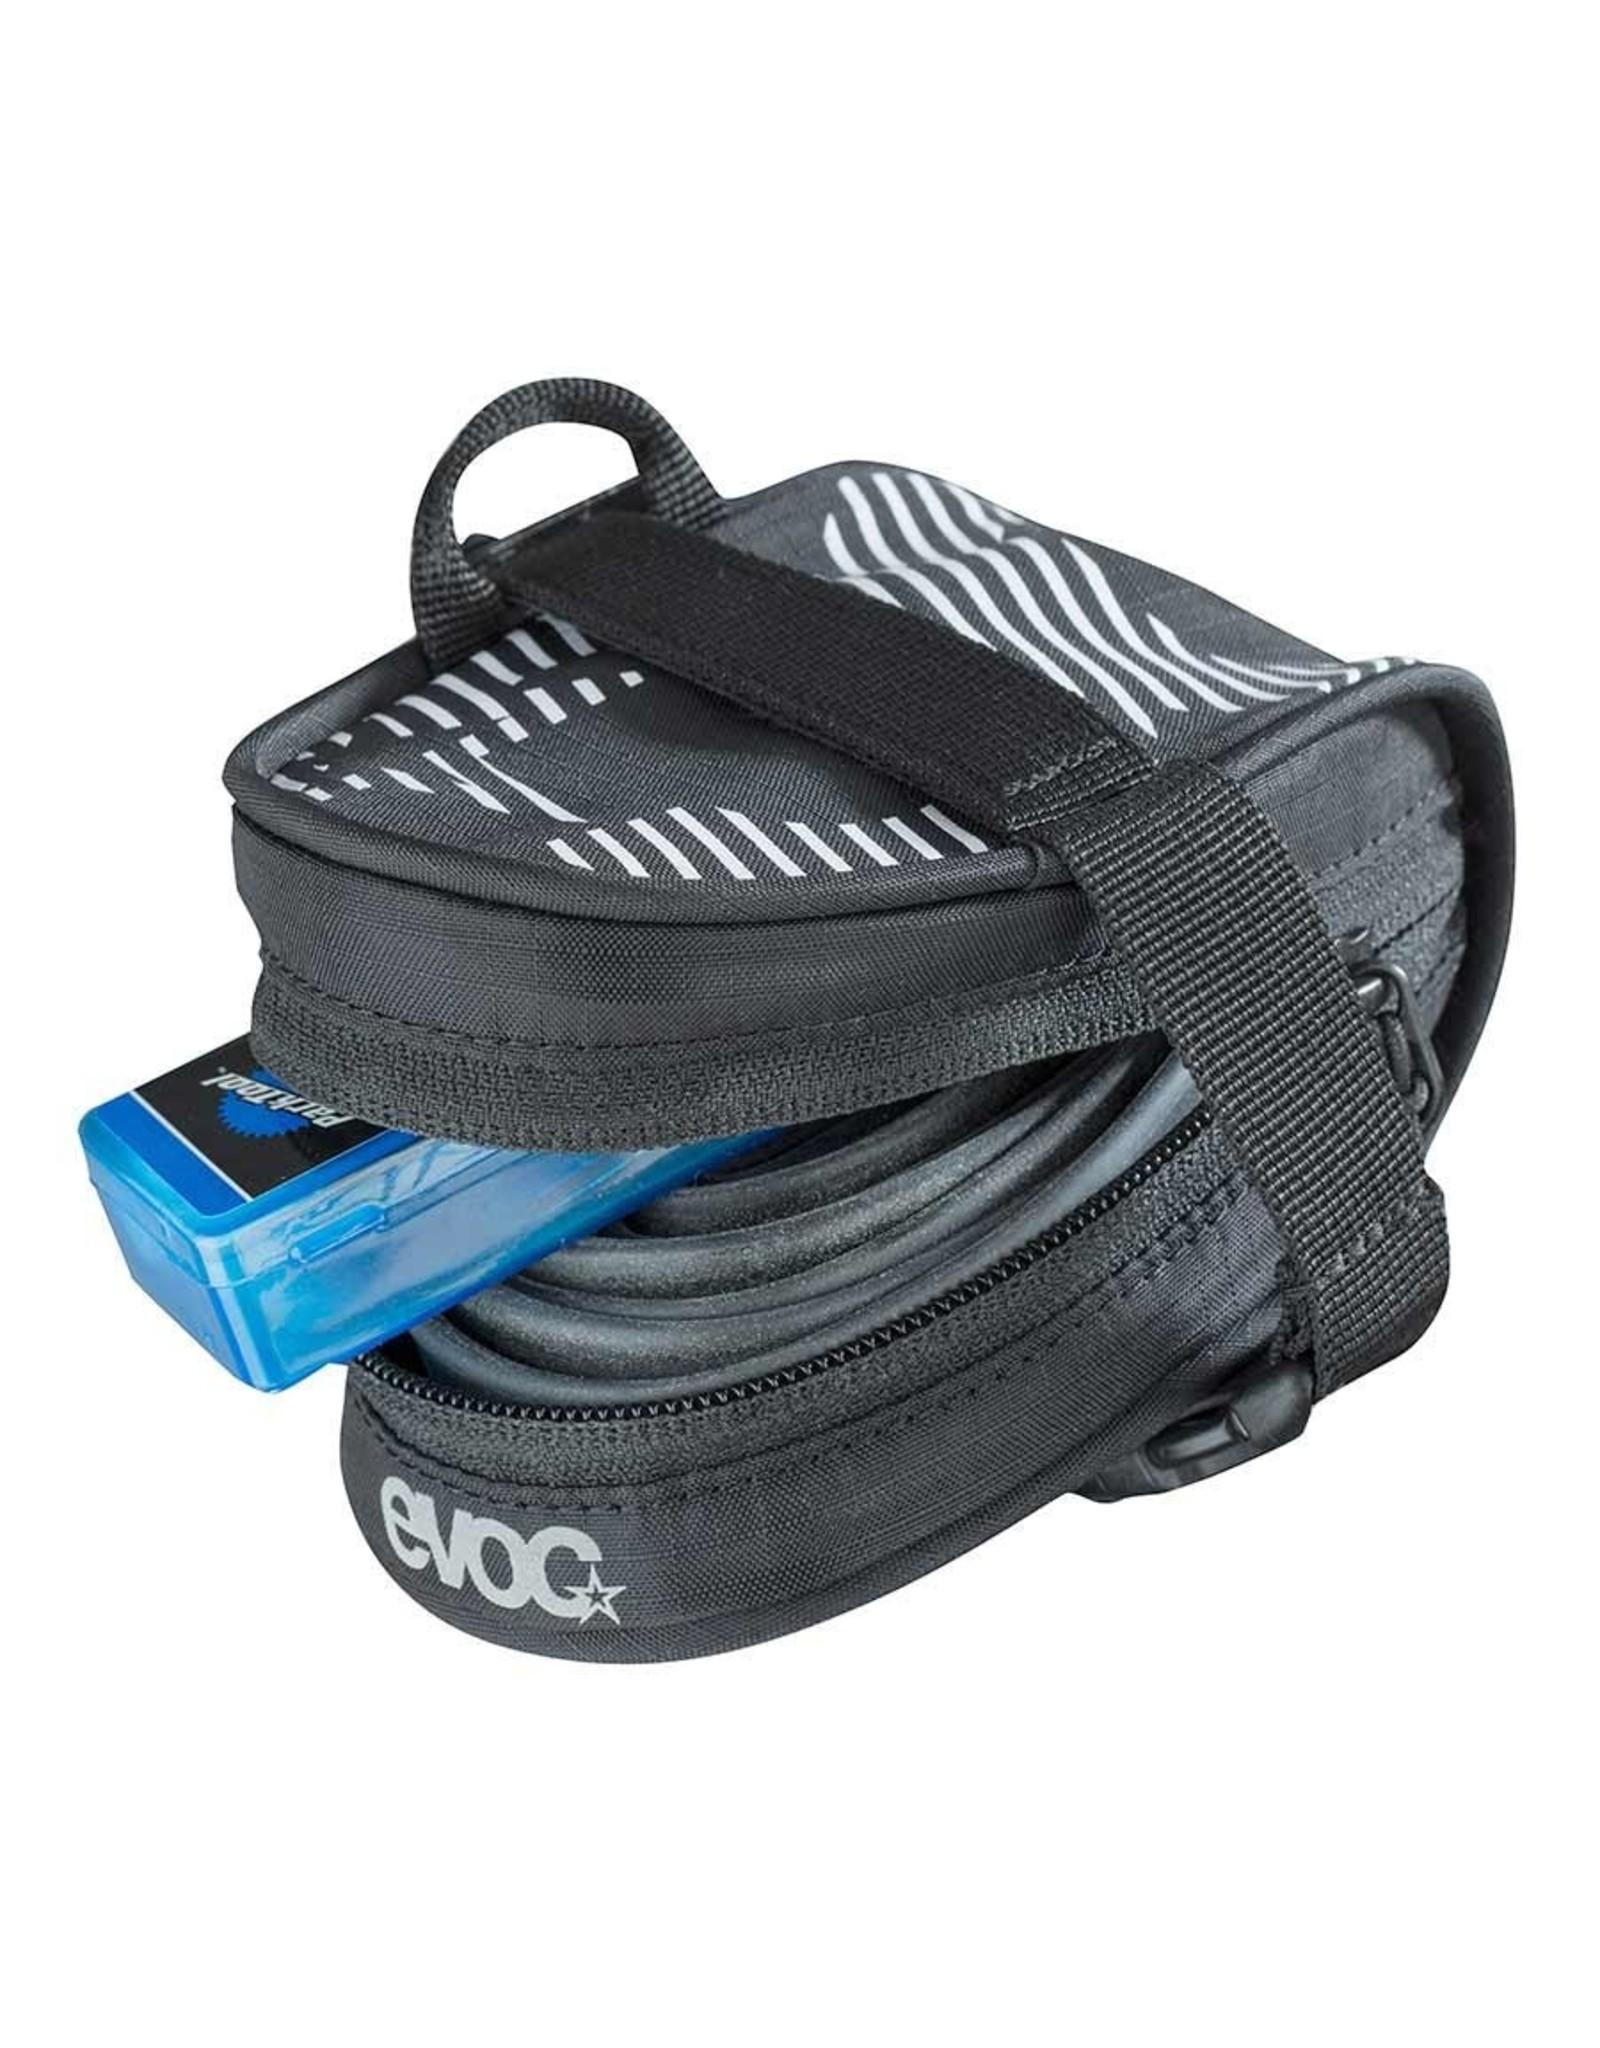 Evoc saddle bag - Small (Race)